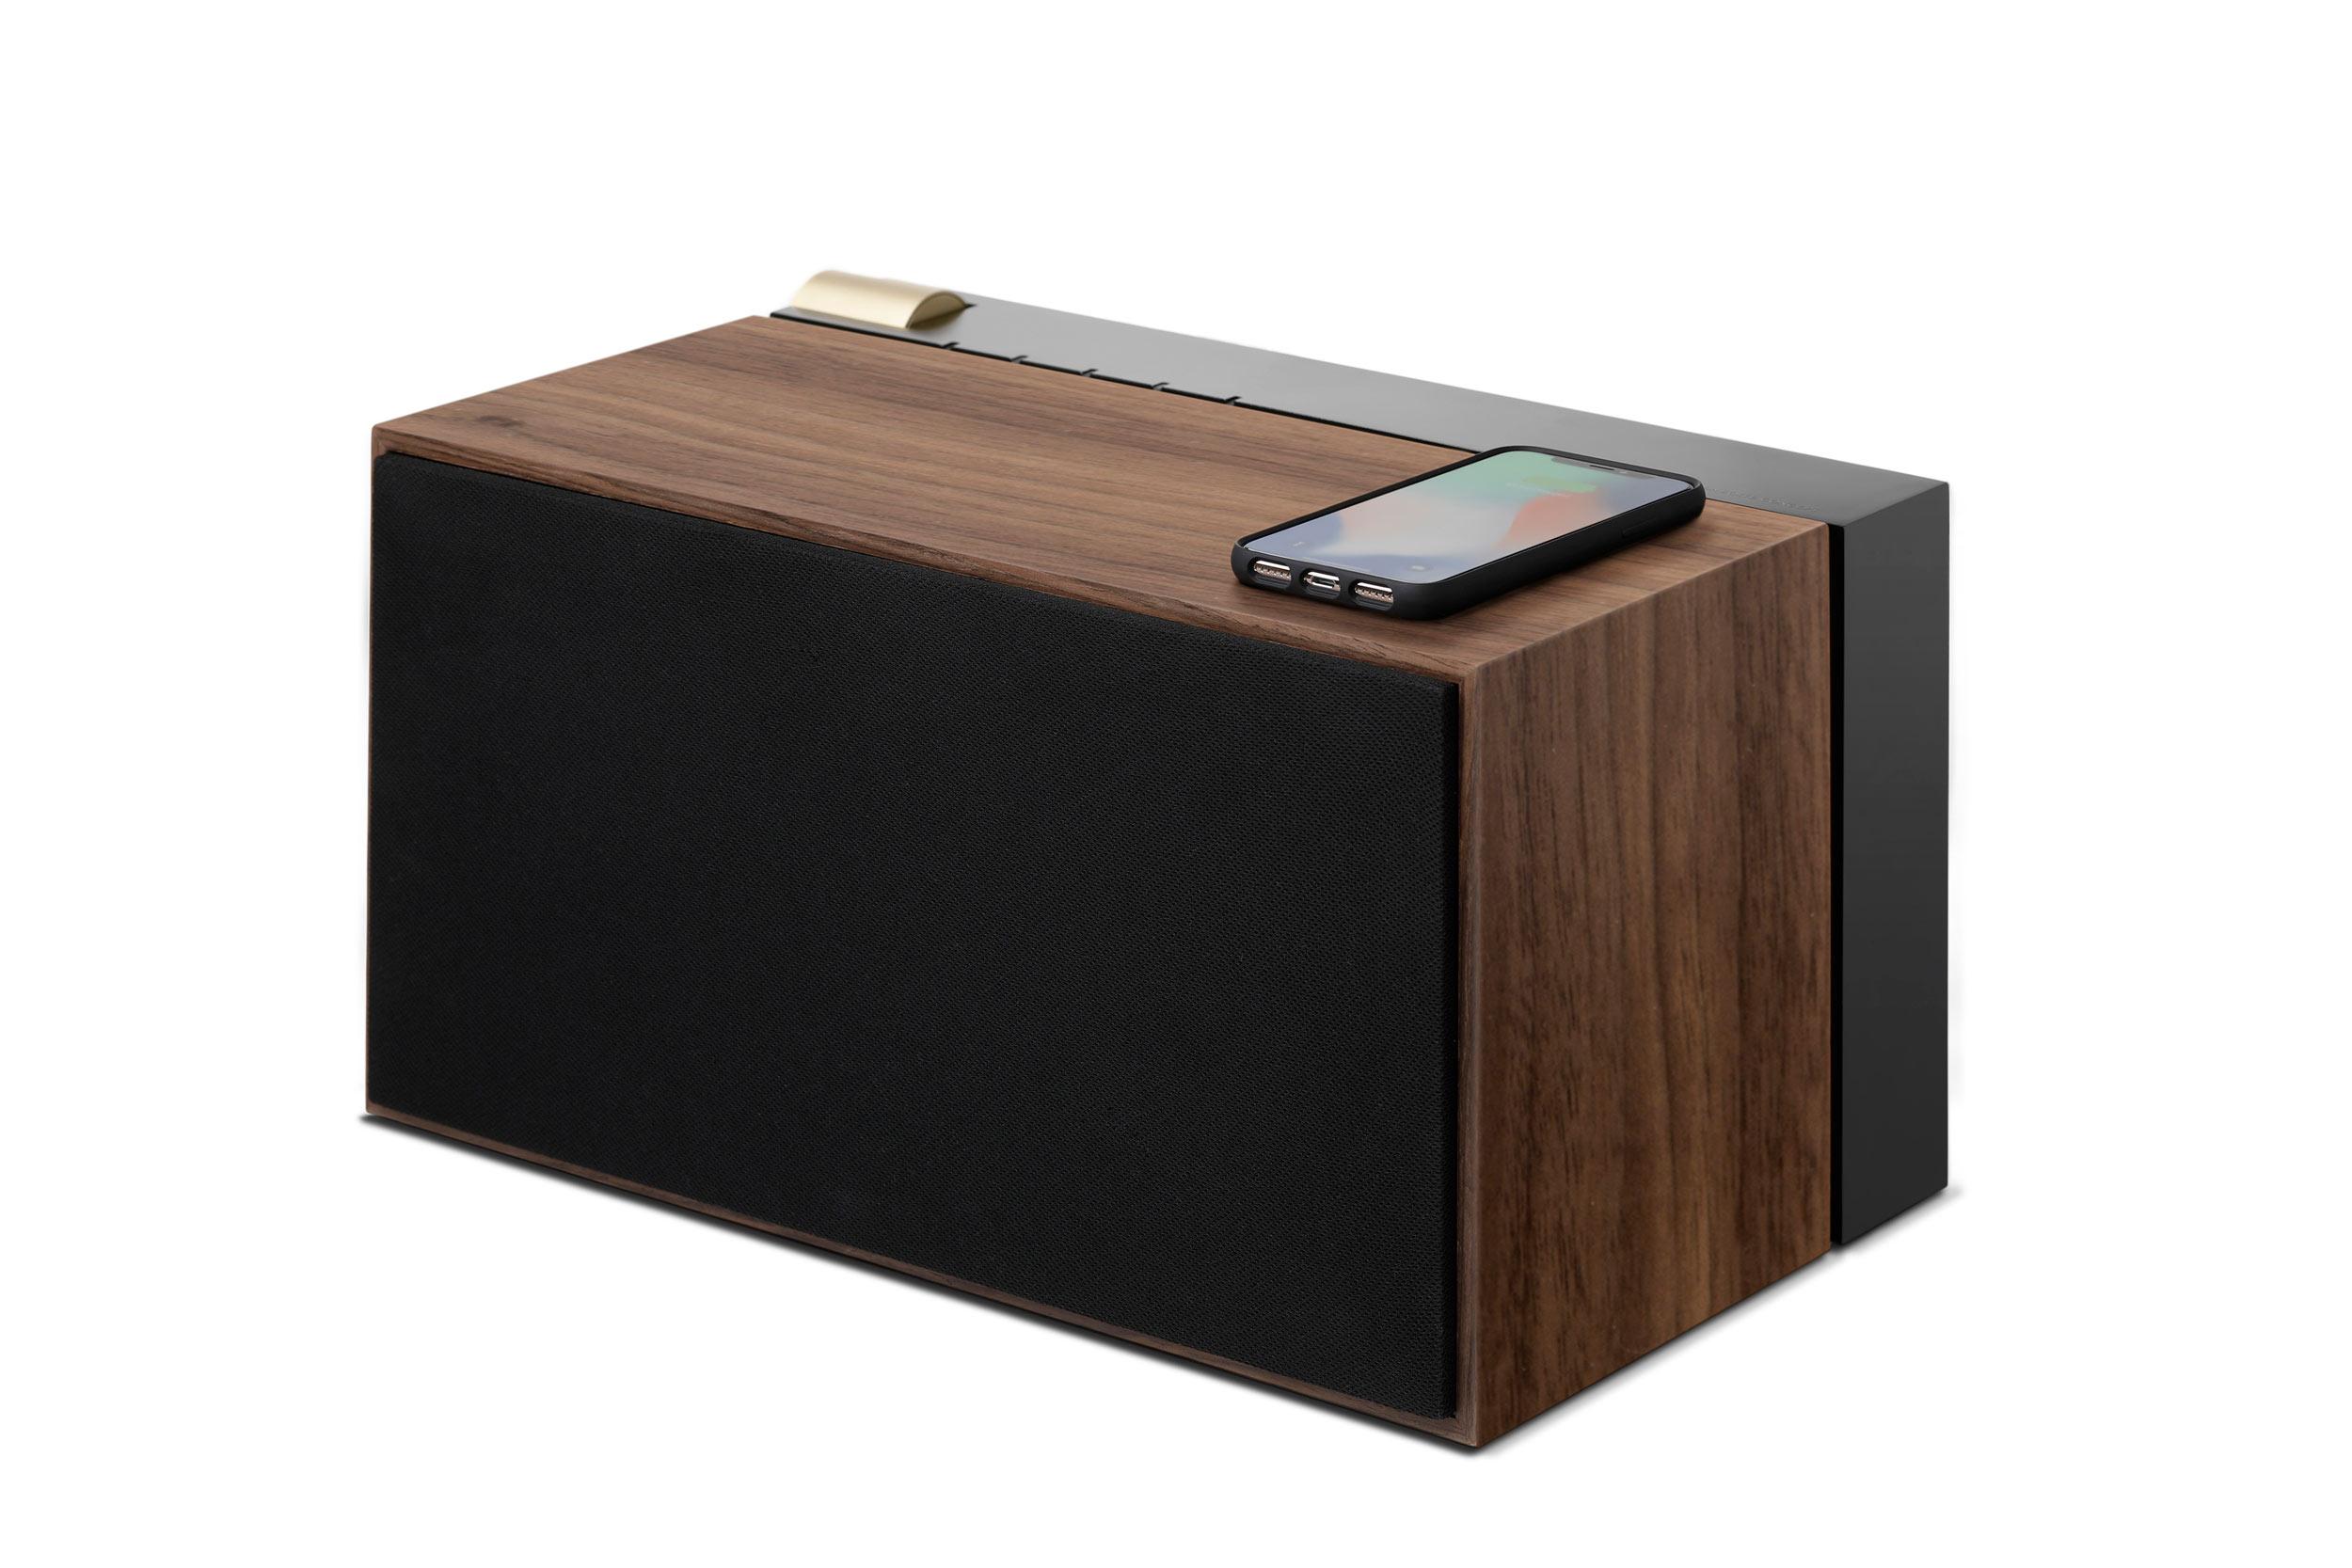 preview maison objet enceinte pr 01 par la boite concept. Black Bedroom Furniture Sets. Home Design Ideas